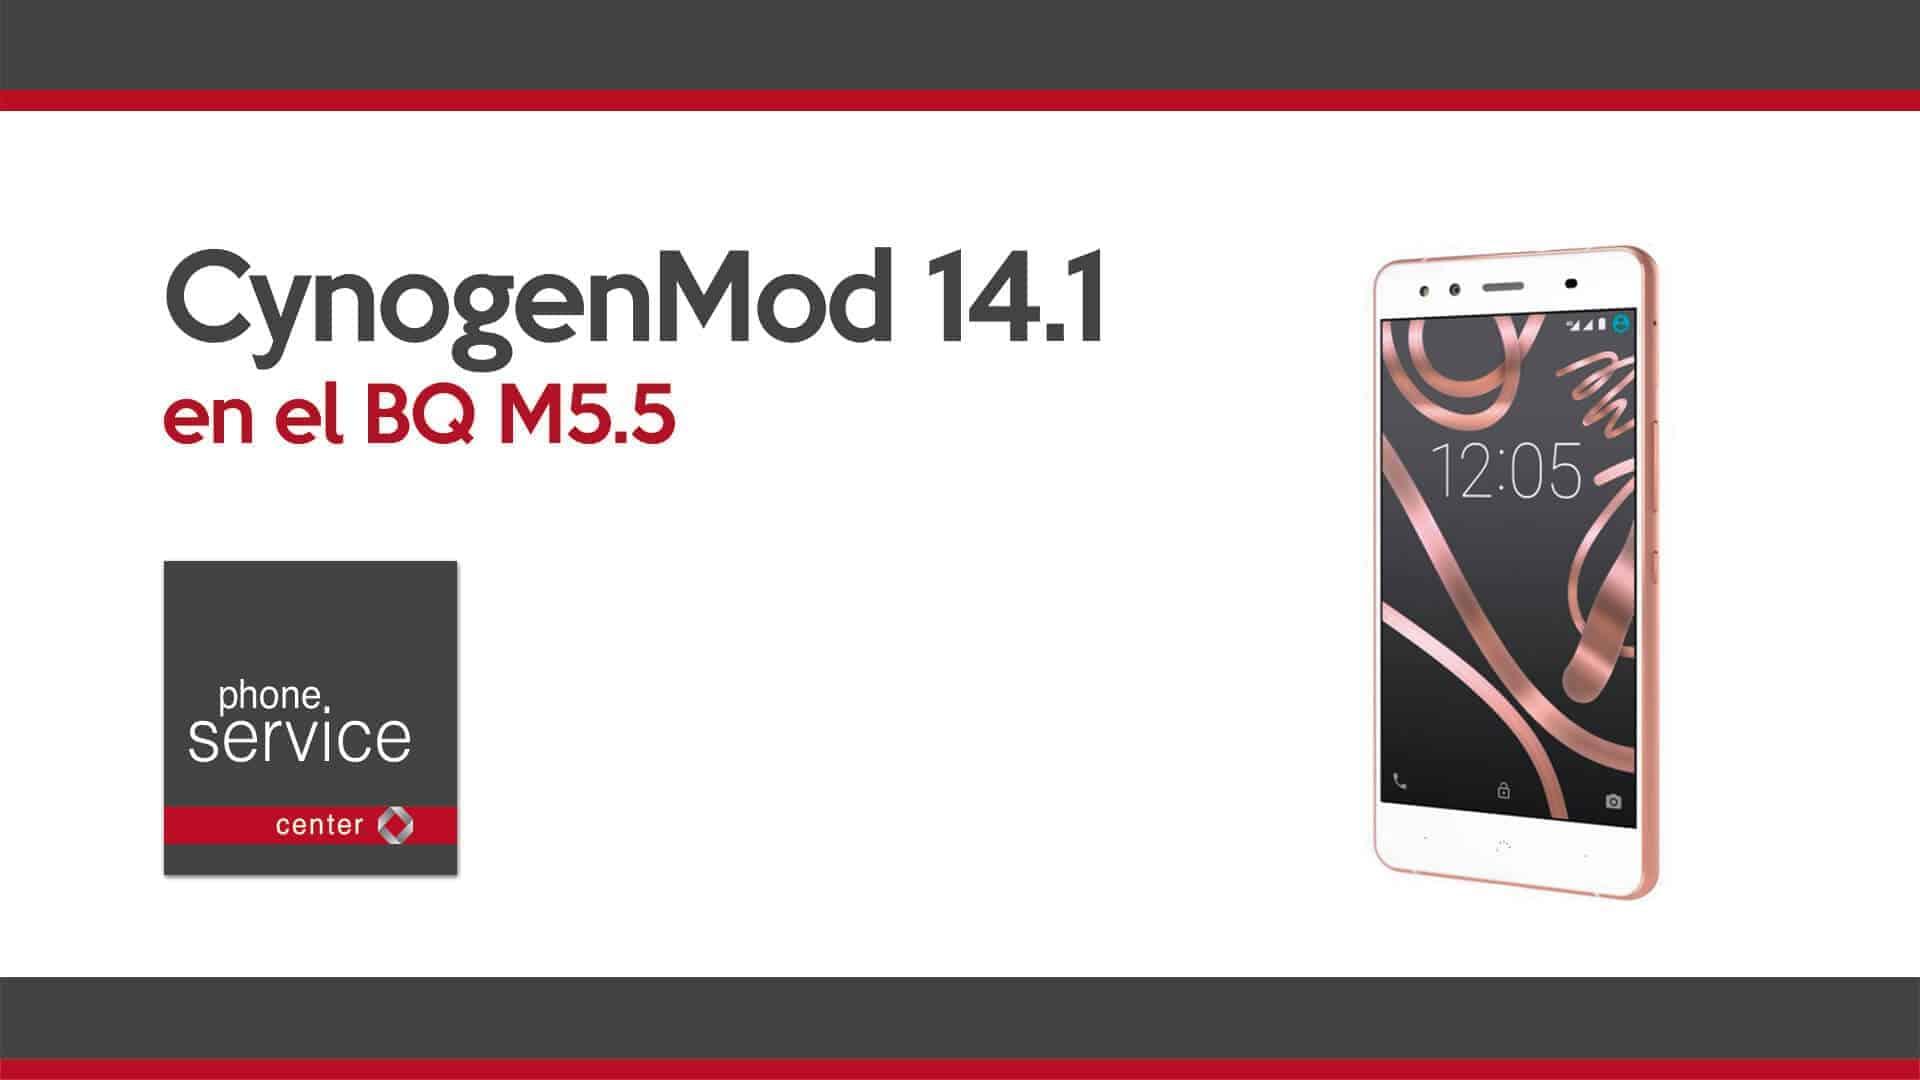 CynogenMod 14.1 en BQ M5.5